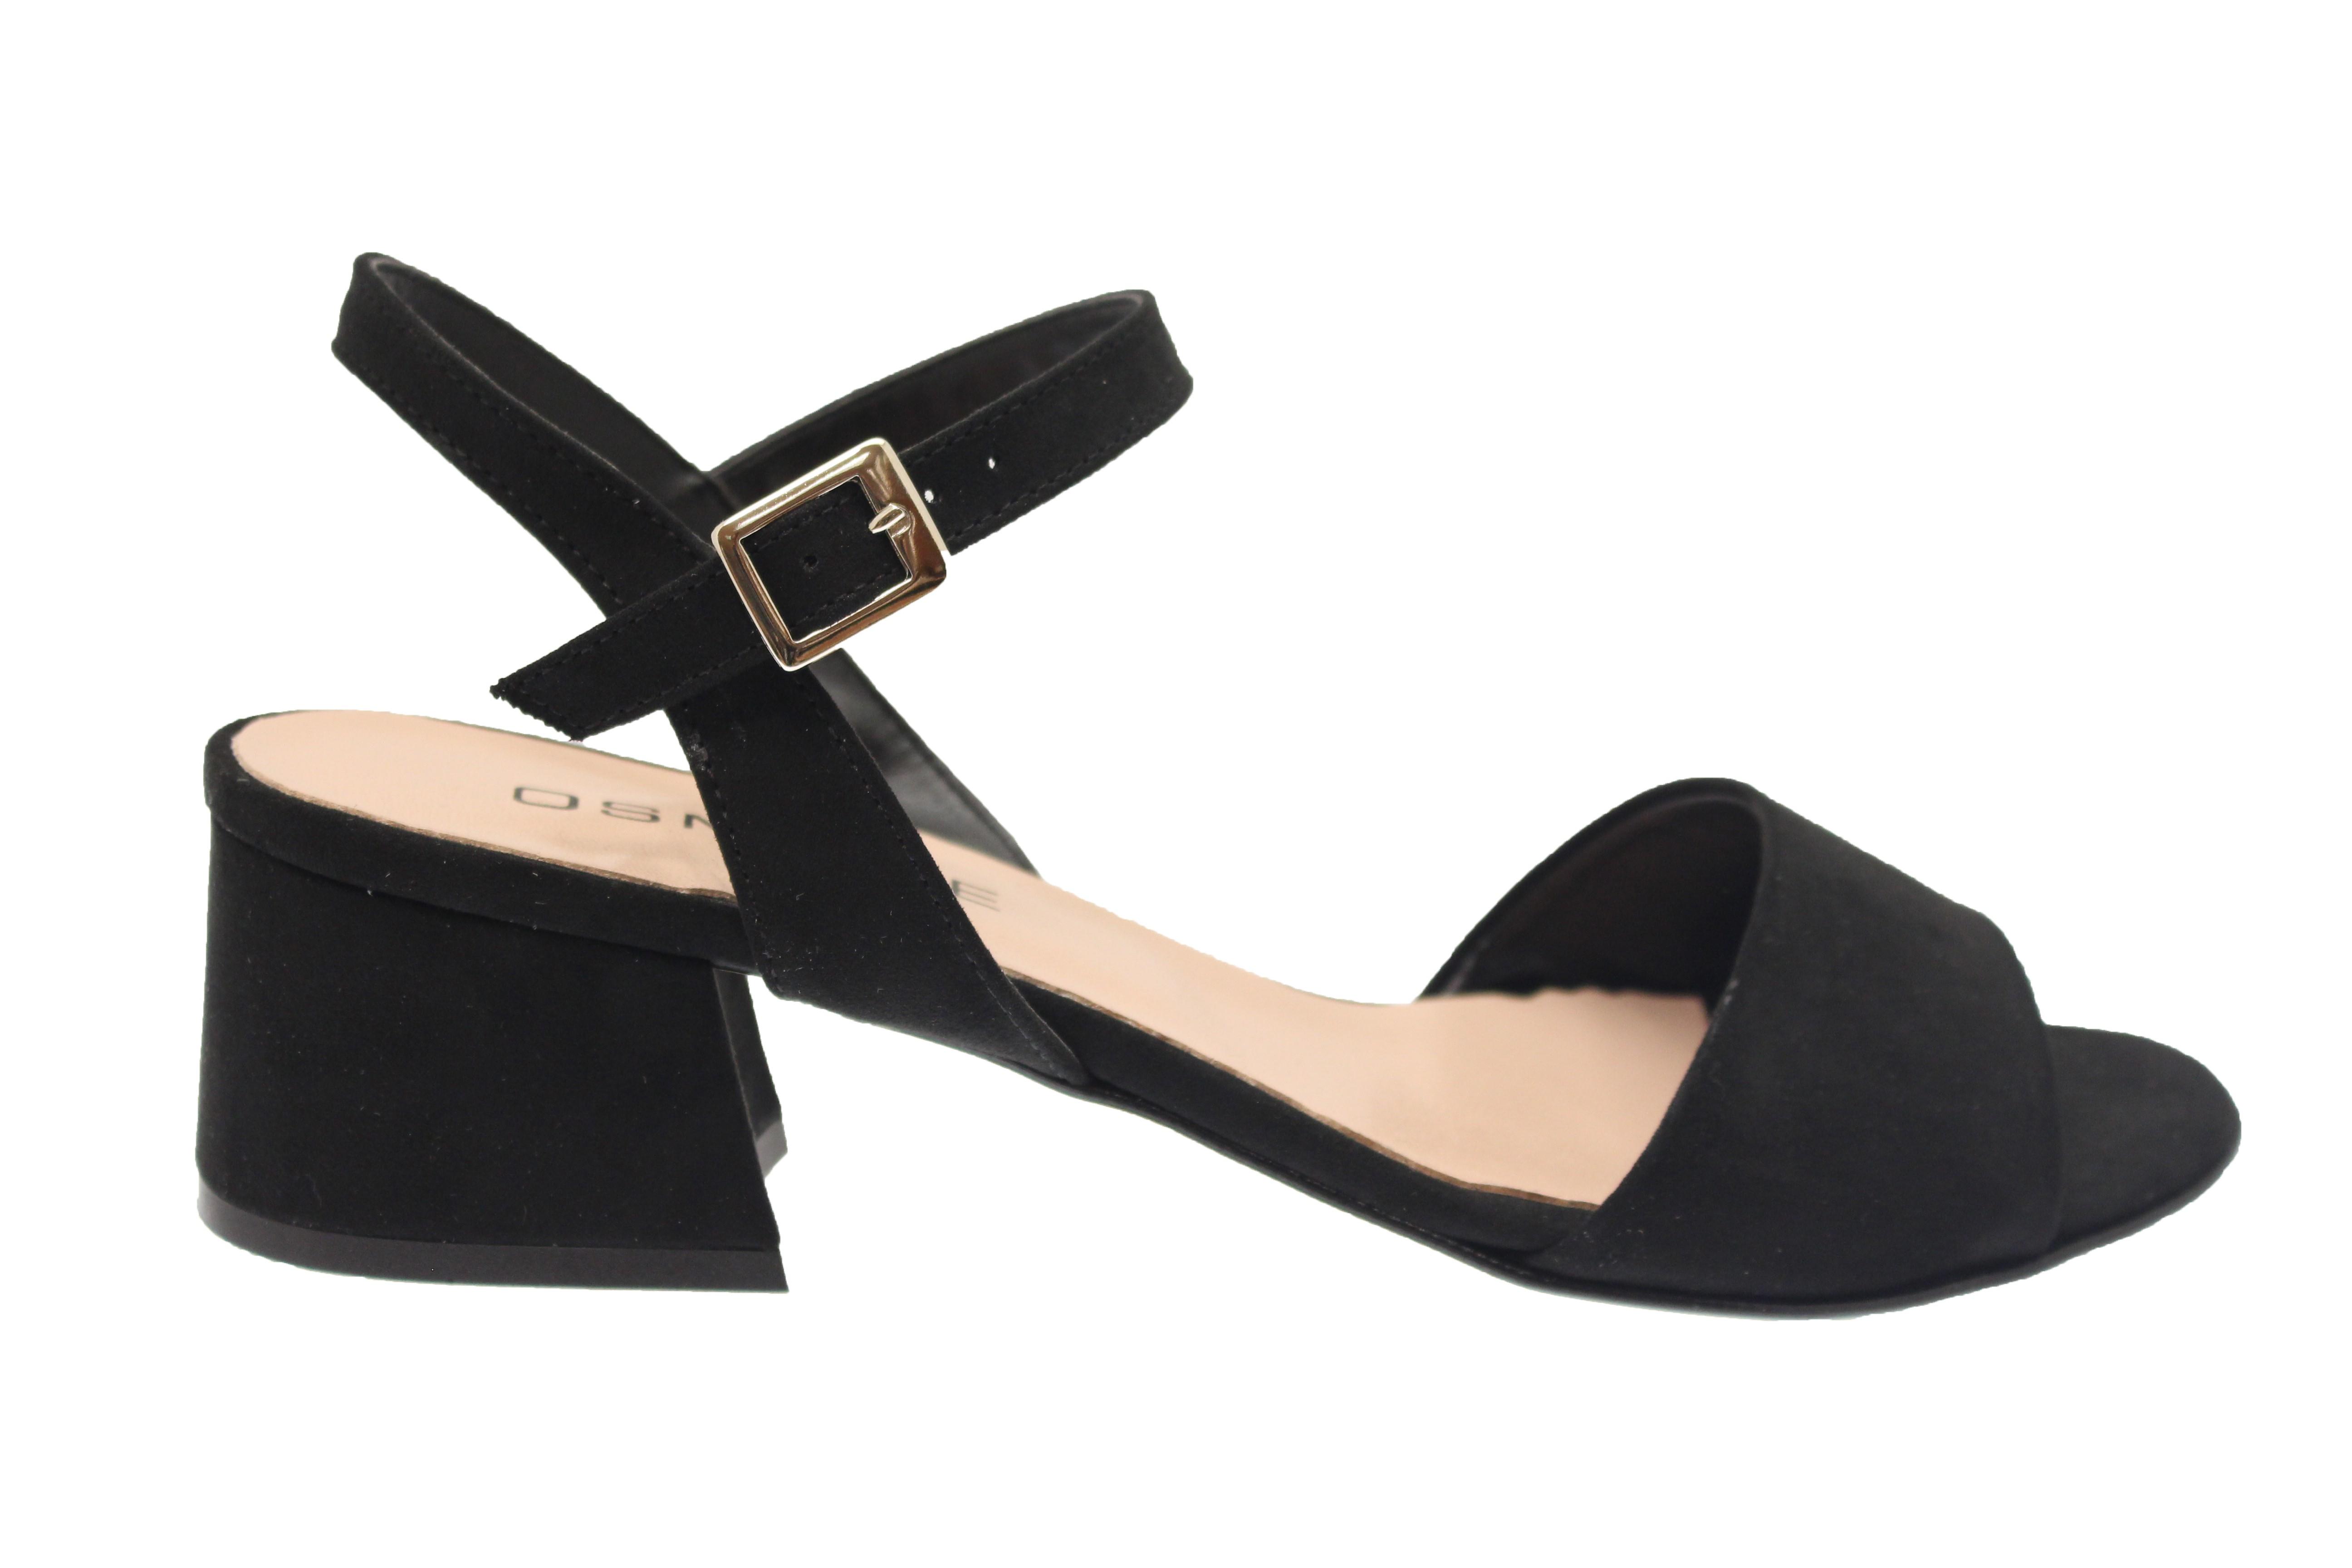 Ligne Osmose Sandale De Femme Carré Nouvelle Chic Talon Rétro À Shoes uOZiPkX